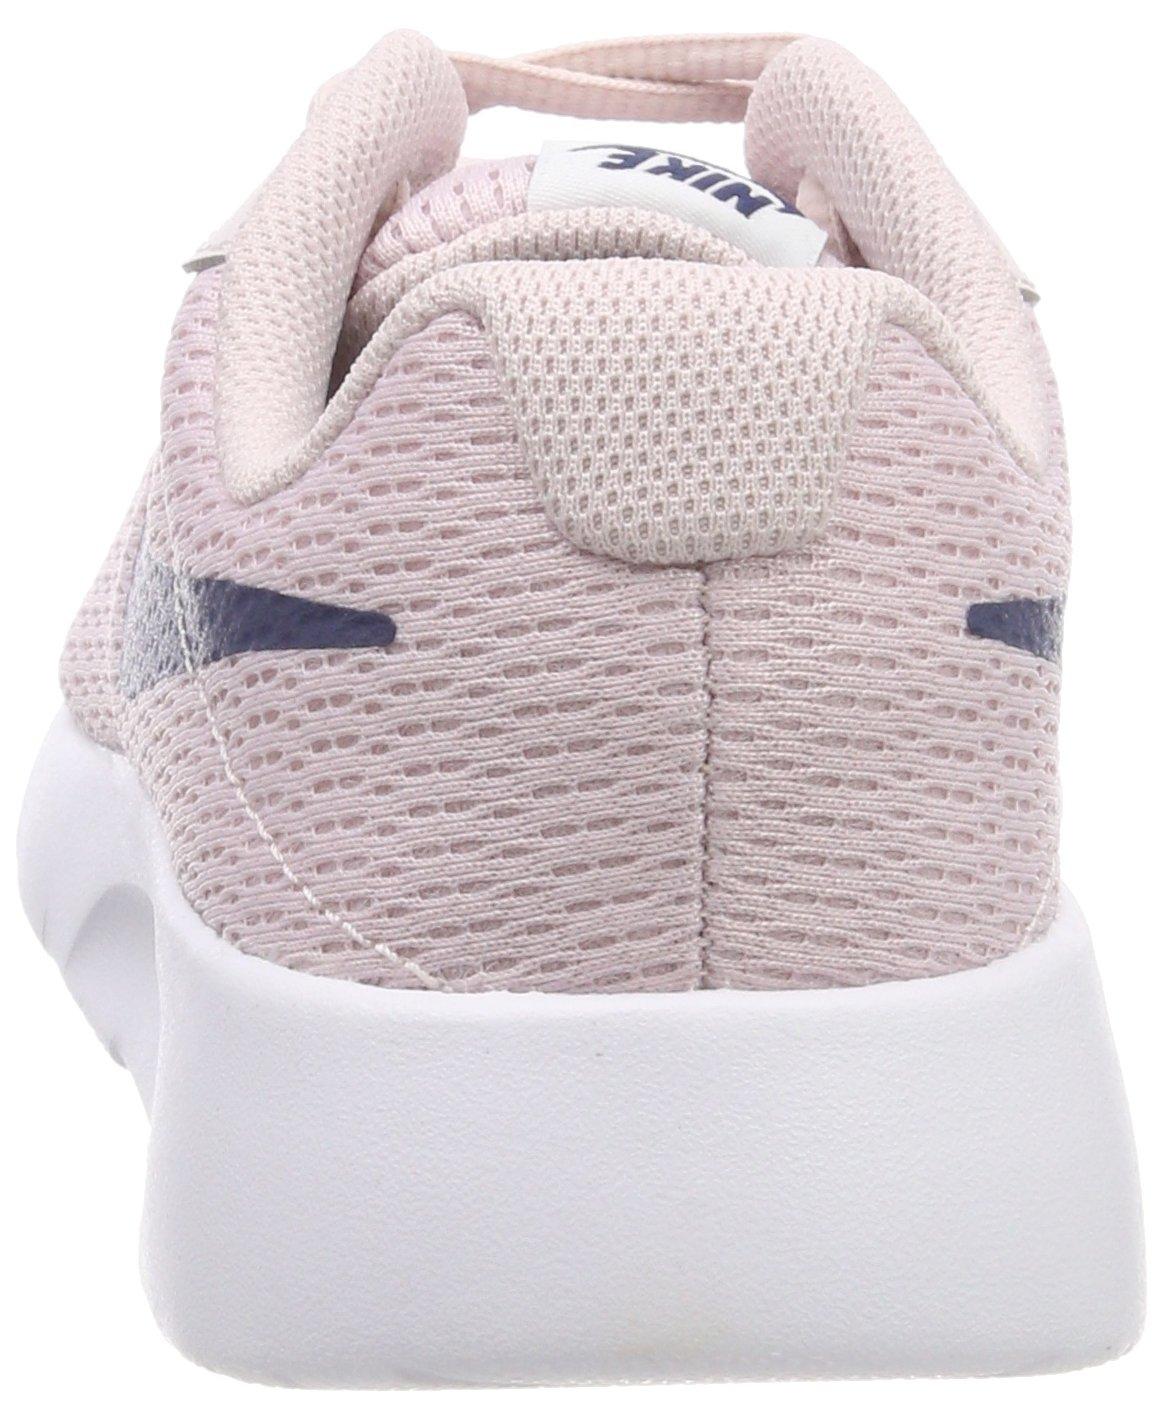 Nike Girl's Tanjun Shoe Barely Rose/Navy/White Size 4 M US by Nike (Image #2)